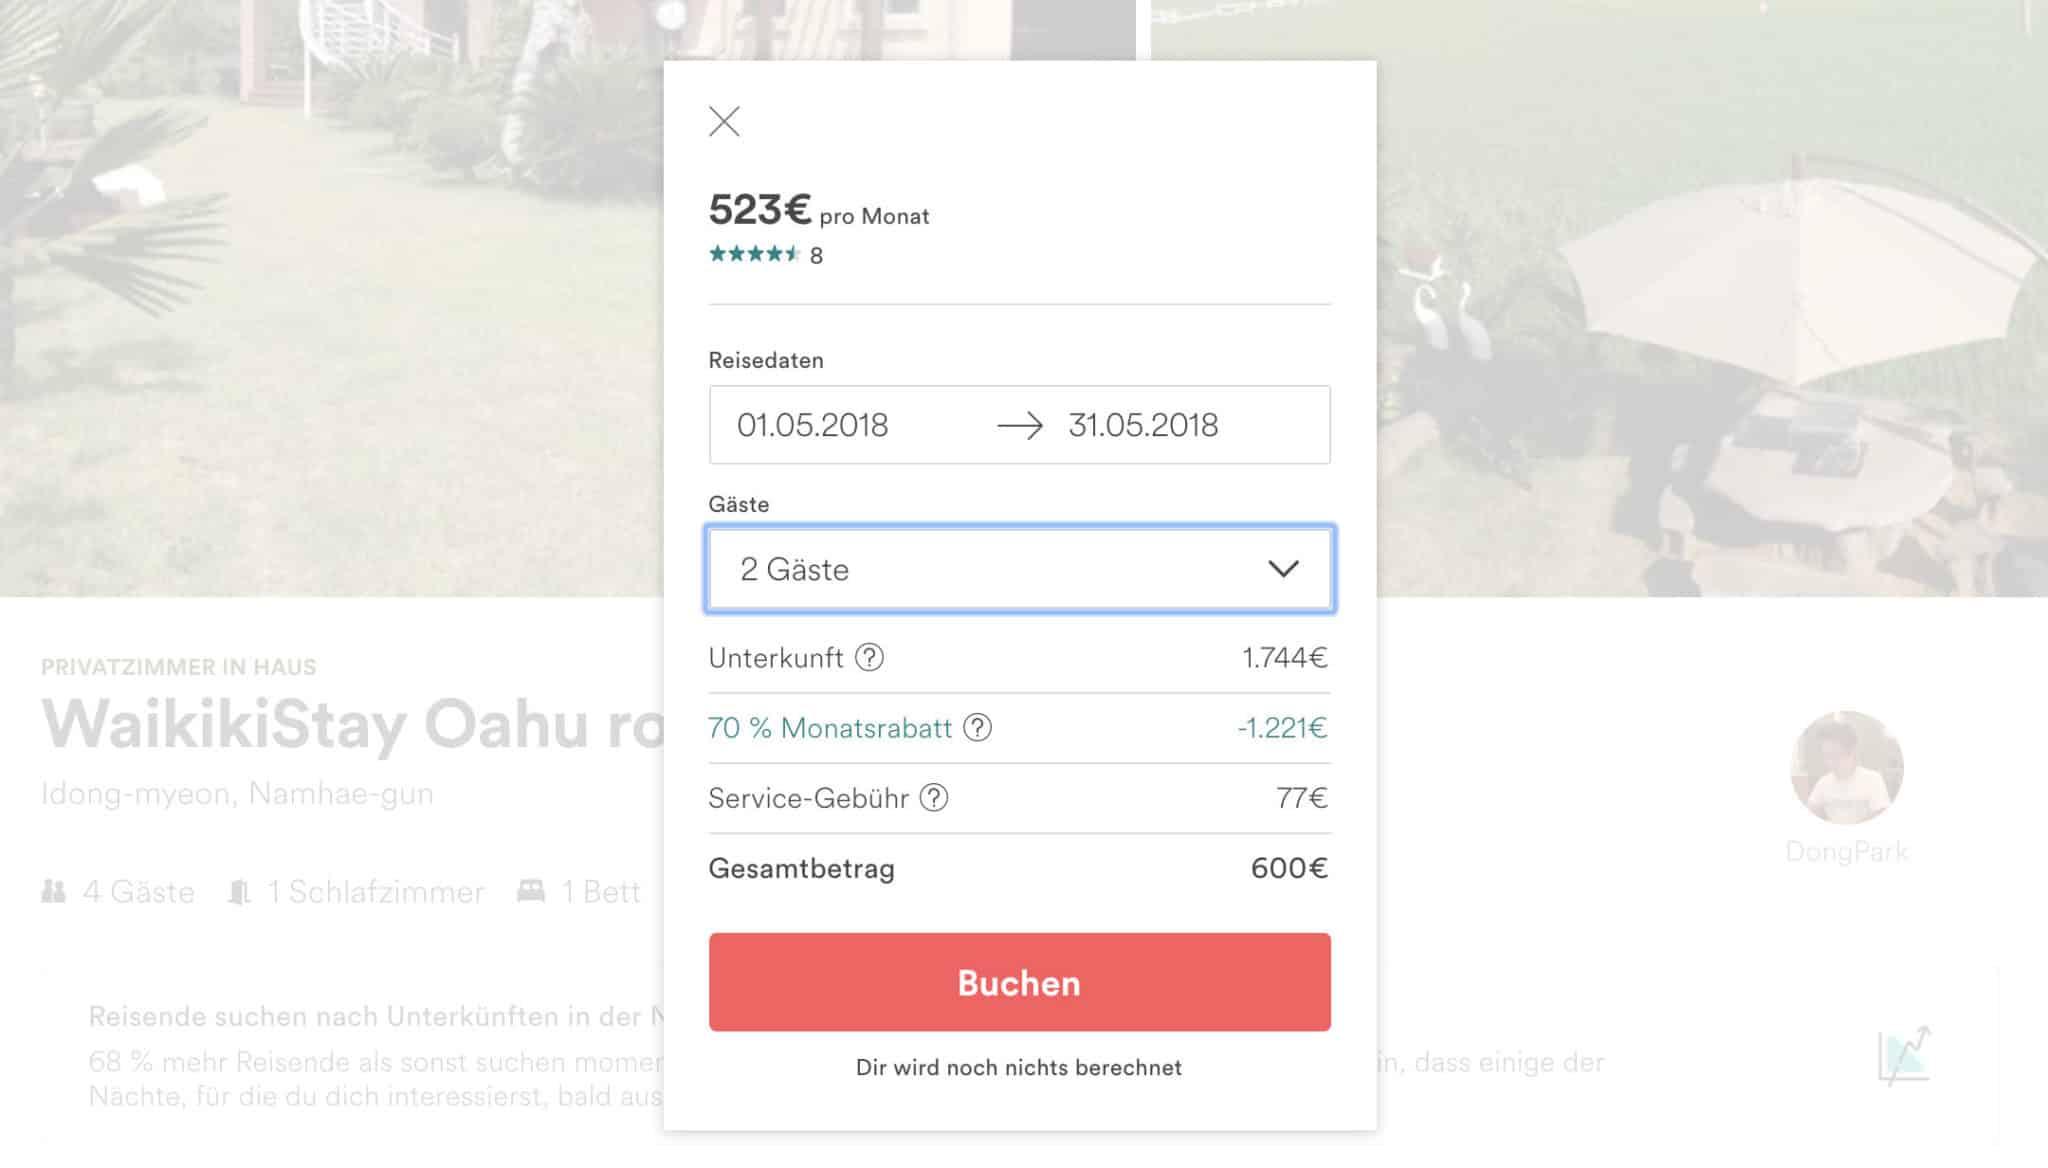 Urlaubsschnäppchen AirBnB Monatsrabatt